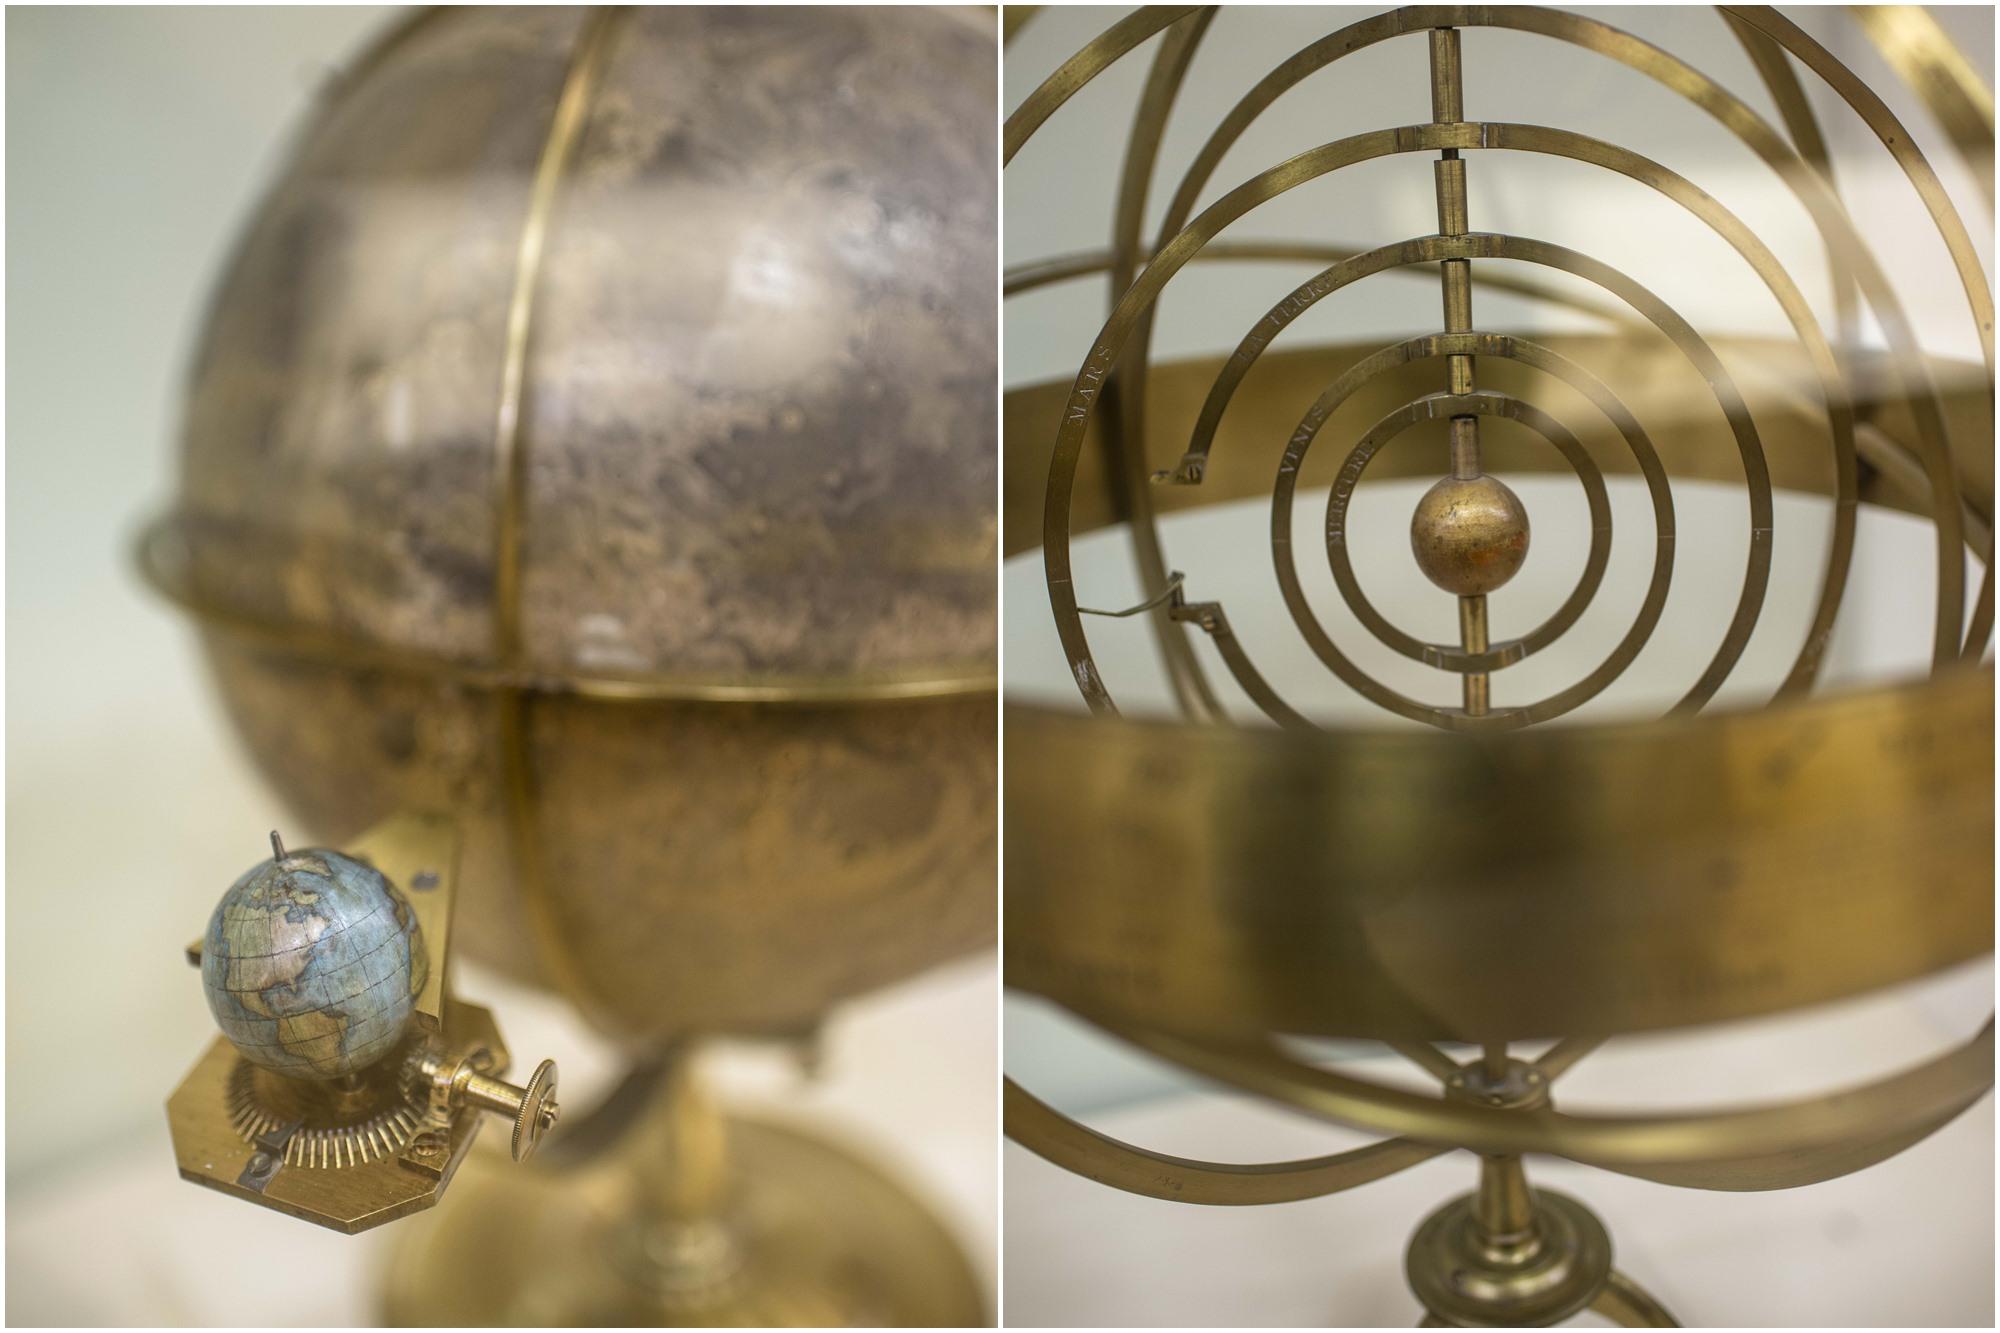 Esfera lunar y esfera armilar heliocéntrica en la Sala de Ciencias de la Tierra y del Universo.